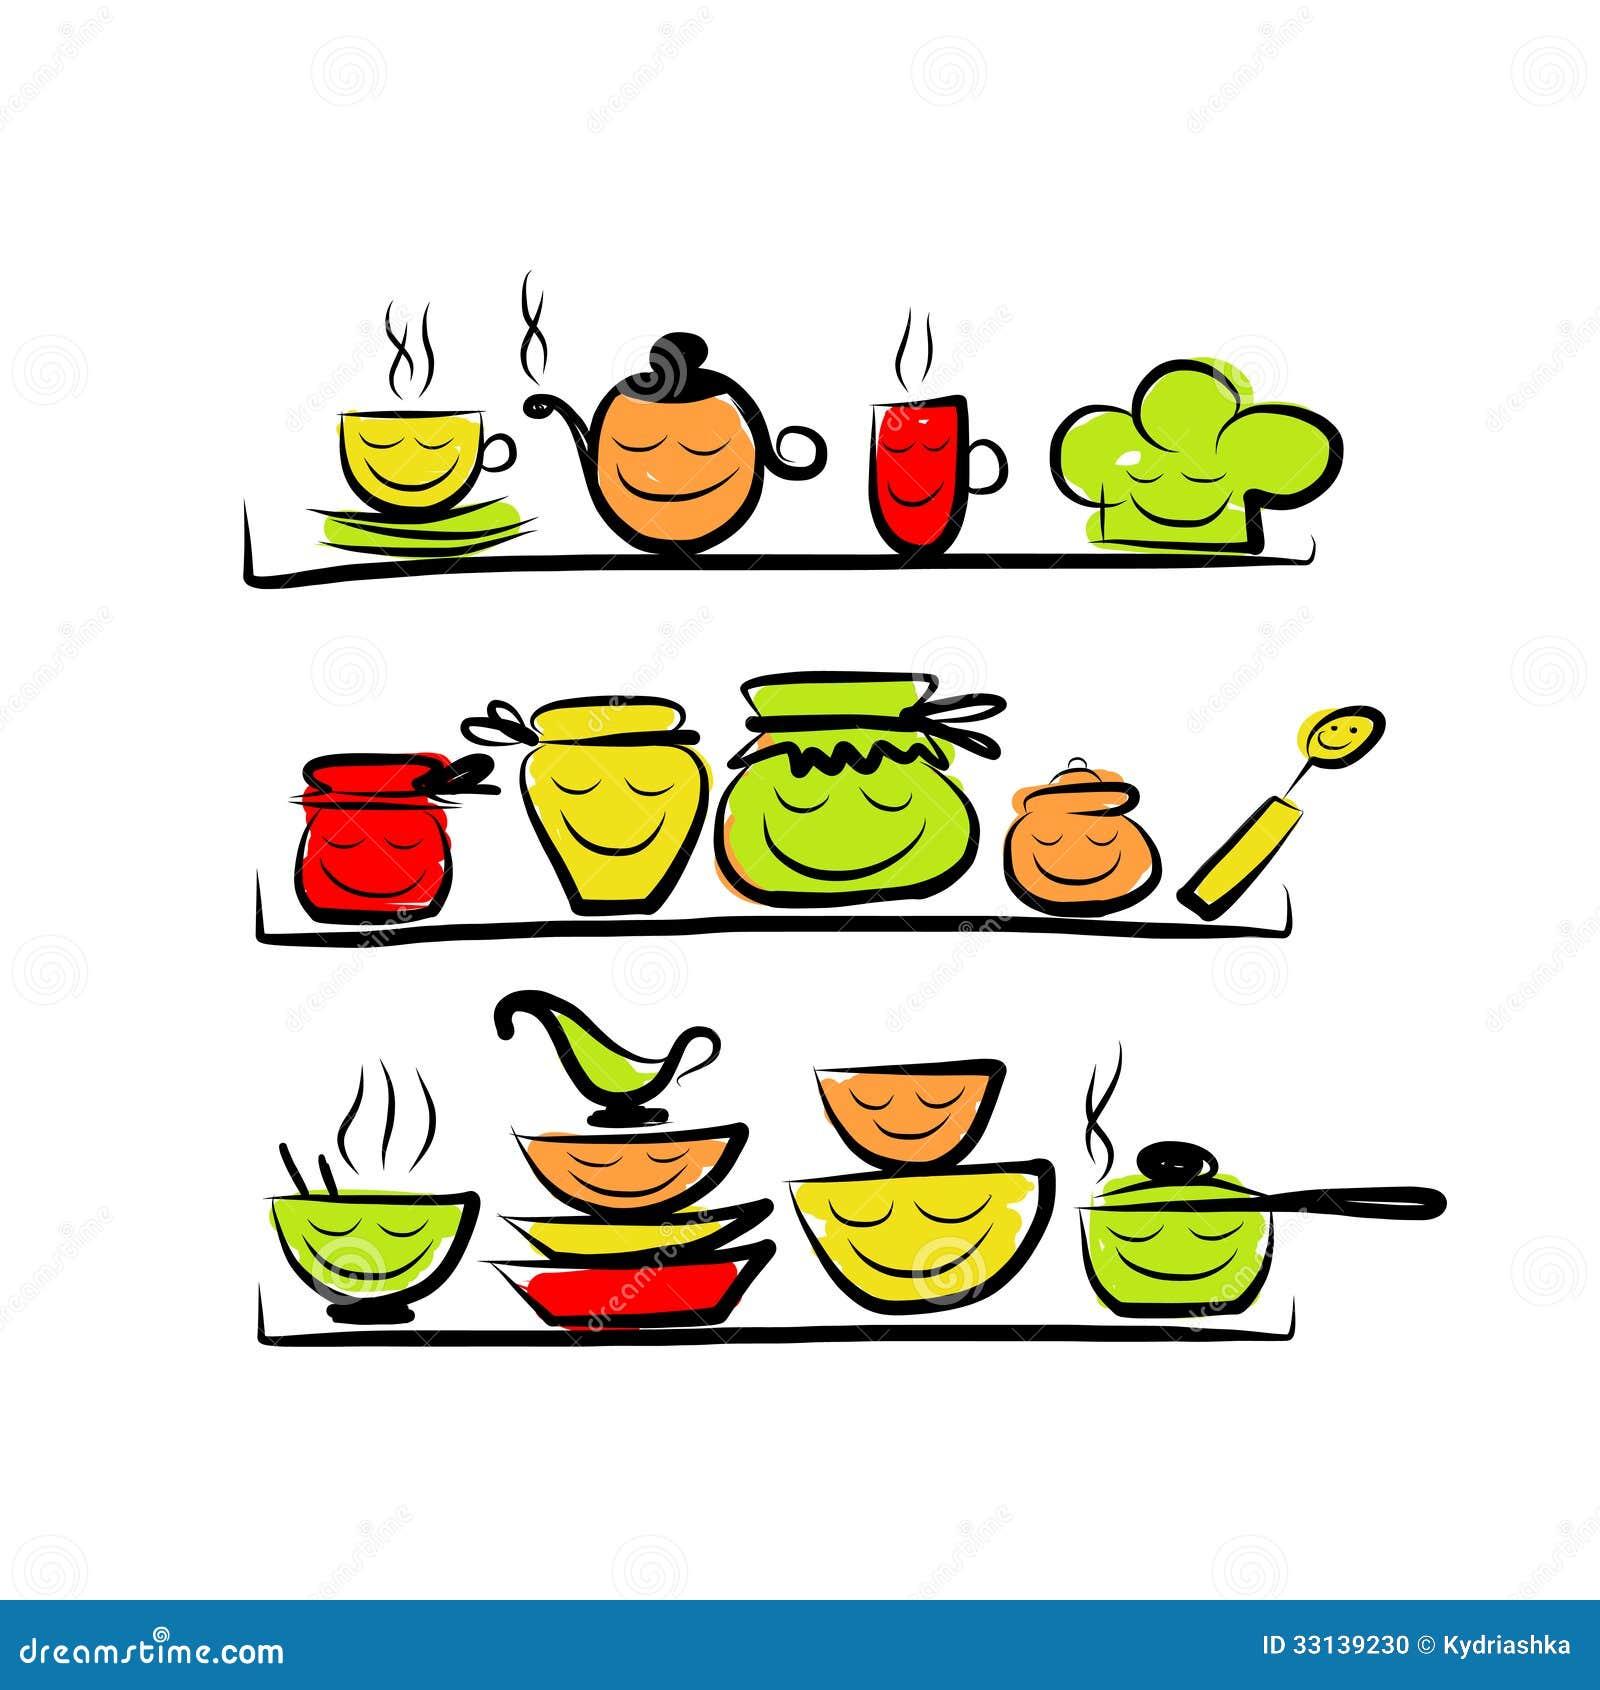 #C50606  Esboço Dos Utensílios Da Cozinha Foto de Stock Imagem: 33139230 1300x1390 px Nova Cozinha Desenhos Imagens_617 Imagens